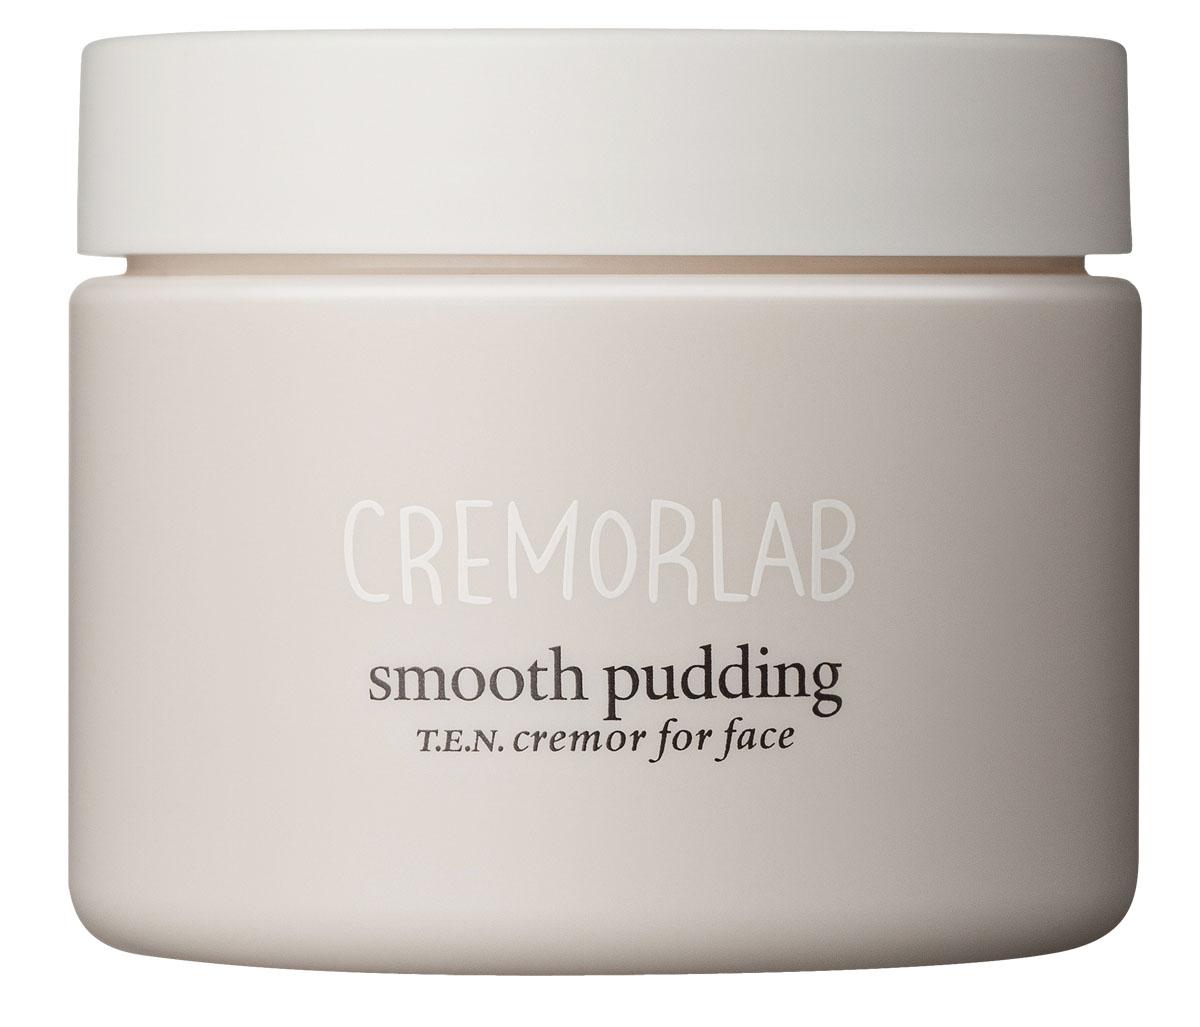 Cremorlab T.E.N. Cremor Крем-пудинг питательный Smooth Pudding, 60 мл61027Высококачественный крем с плотной насыщенной текстурой проникает в глубокие слои кожи, эффективно воздействует на глубинные и поверхностные проблемы кожи связанные с фотостарением, возрастными изменениями и вредным воздействием окружающей среды Существенно уменьшает глубину и выраженность морщин, разглаживает рельеф, восстанавливает эластичность, упругость и тонус кожи, ускоряет регенерацию поврежденных тканей. Стимулирует синтез естественного, природного коллагена и эластина, снижает активность свободных радикалов, насыщает влагой и питательными веществами, защищает от неблагоприятных факторов окружающей среды. Рекомендовано для всех типов и состояний кожи, даже очень чувствительной. Полностью отсутствуют синтетические отдушки, эмульгаторы, парабены, красители, минеральные масла и химические консерванты.Объем: 60 мл